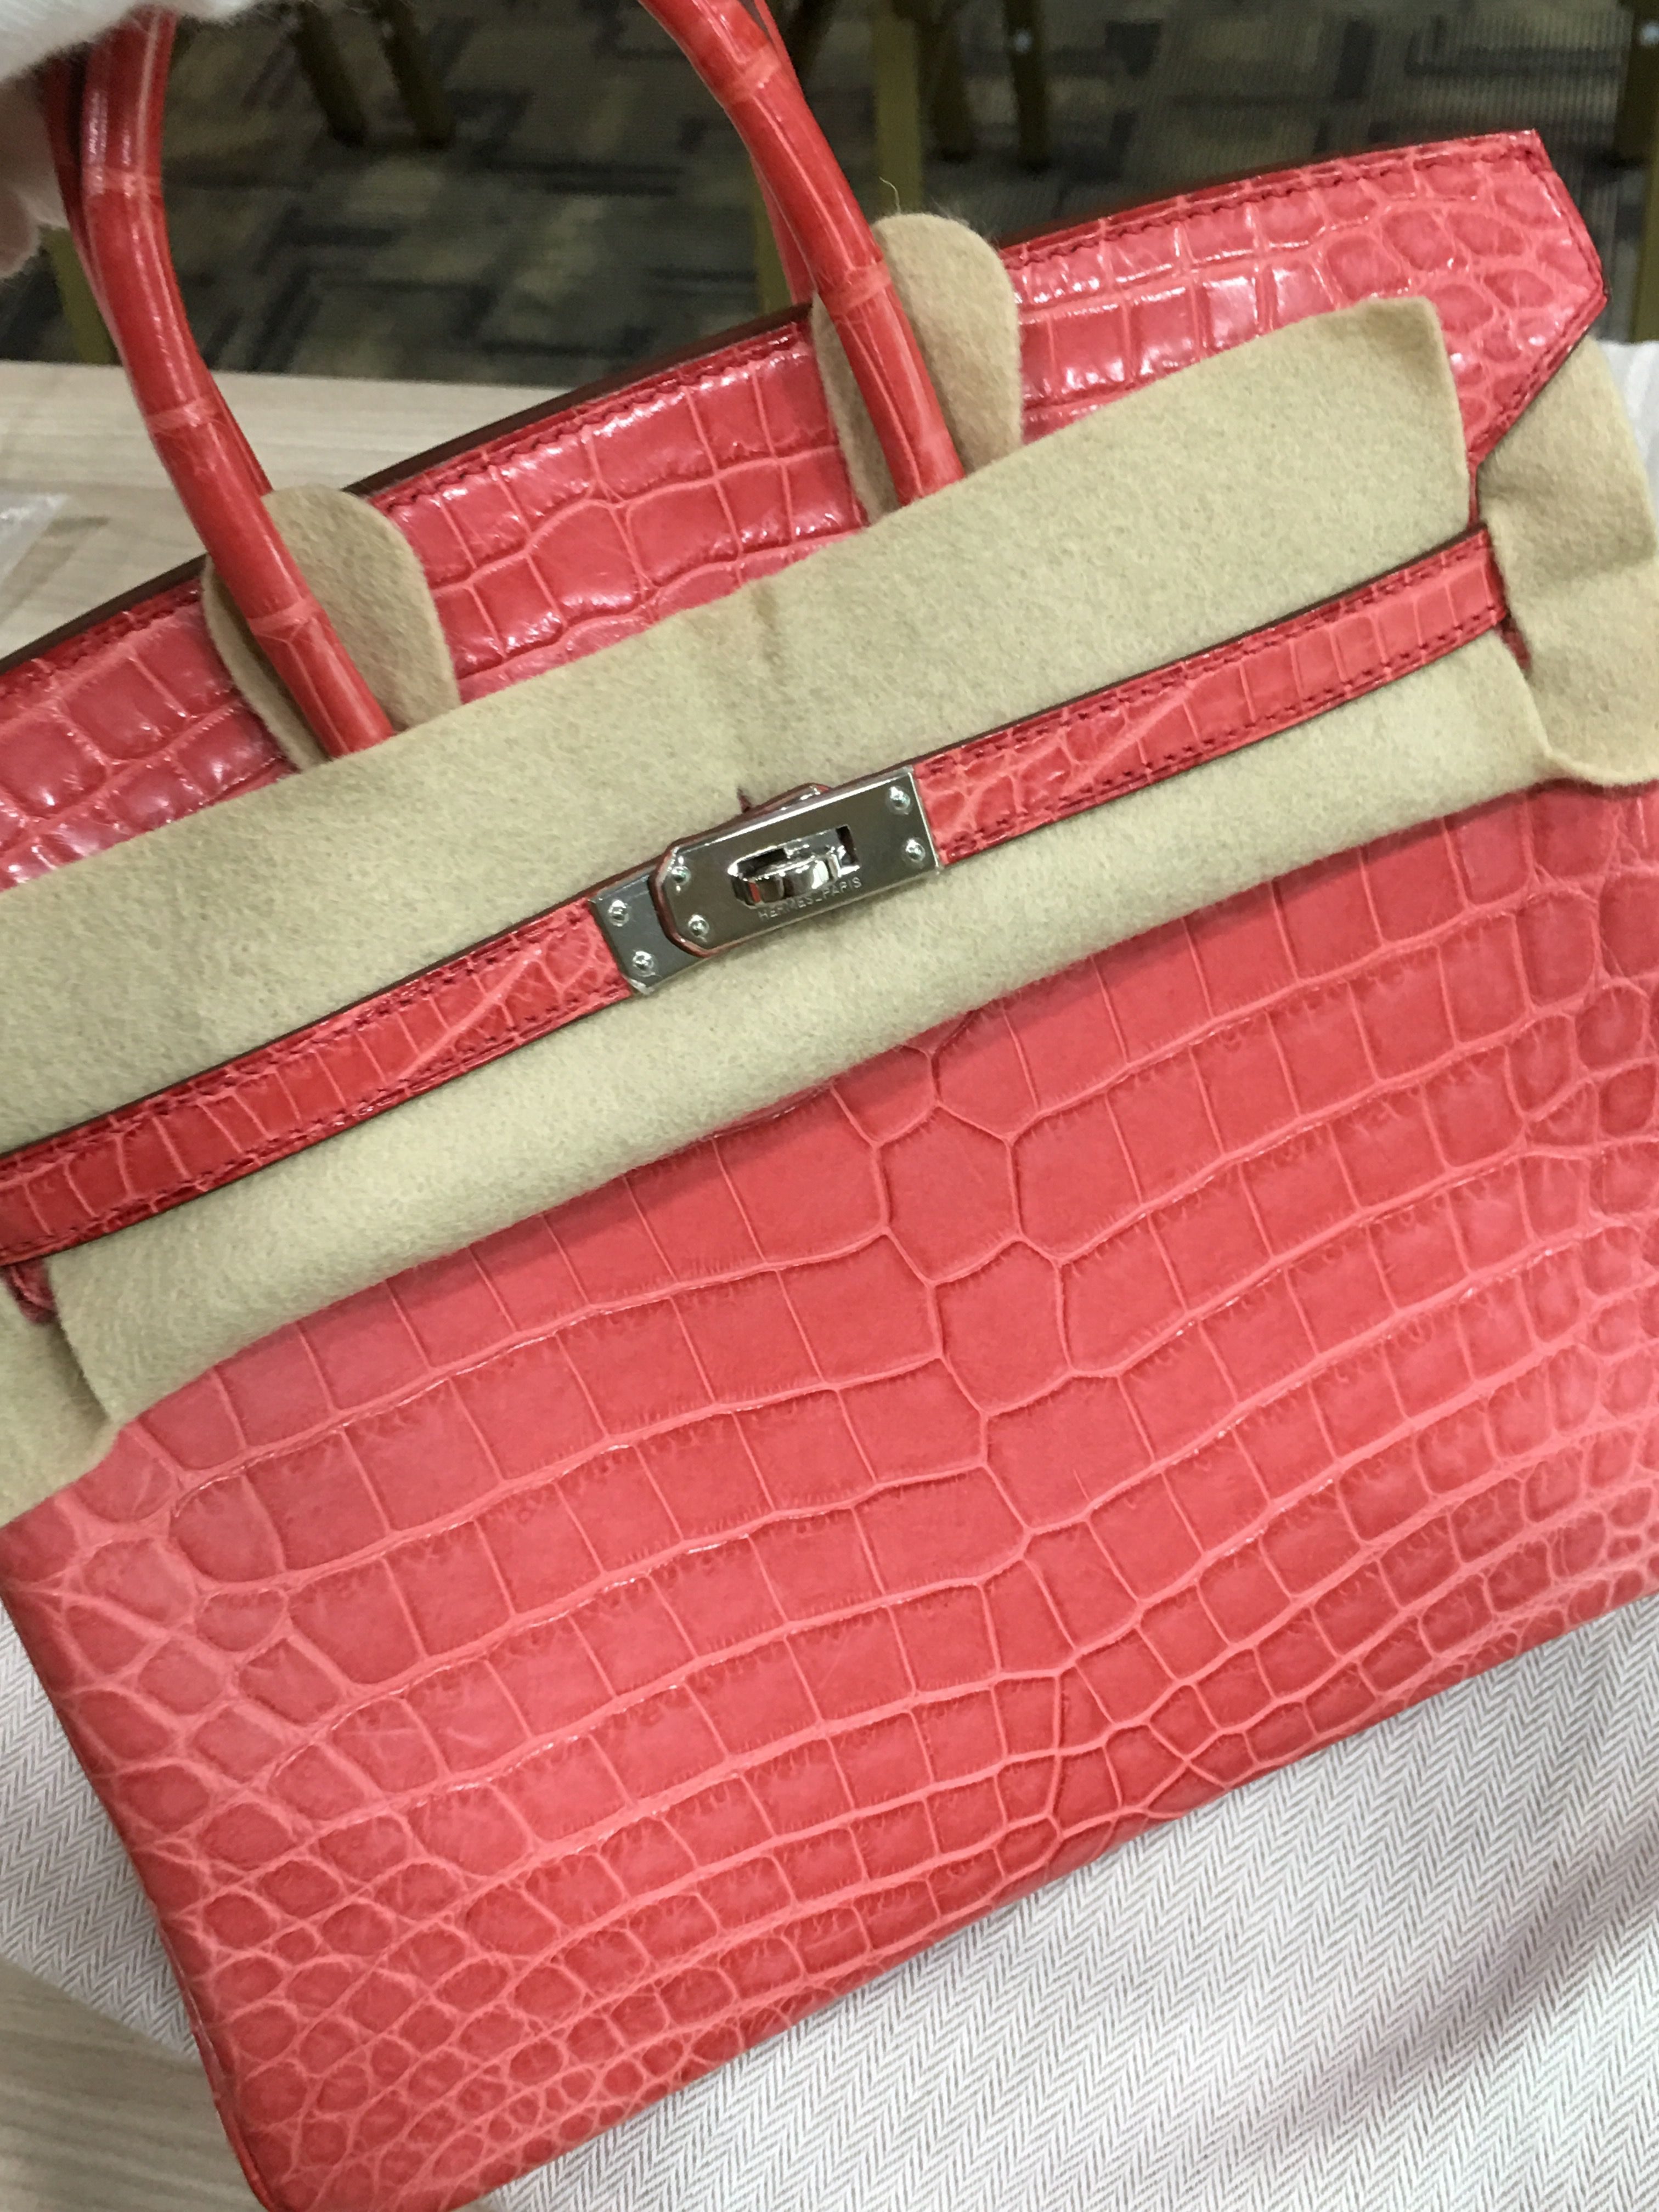 88c40e7ad5 Model: Hermes Birkin 25 Crocodile Year: Q Color: Bougainvillea Leather:  Niloticus Crocodile